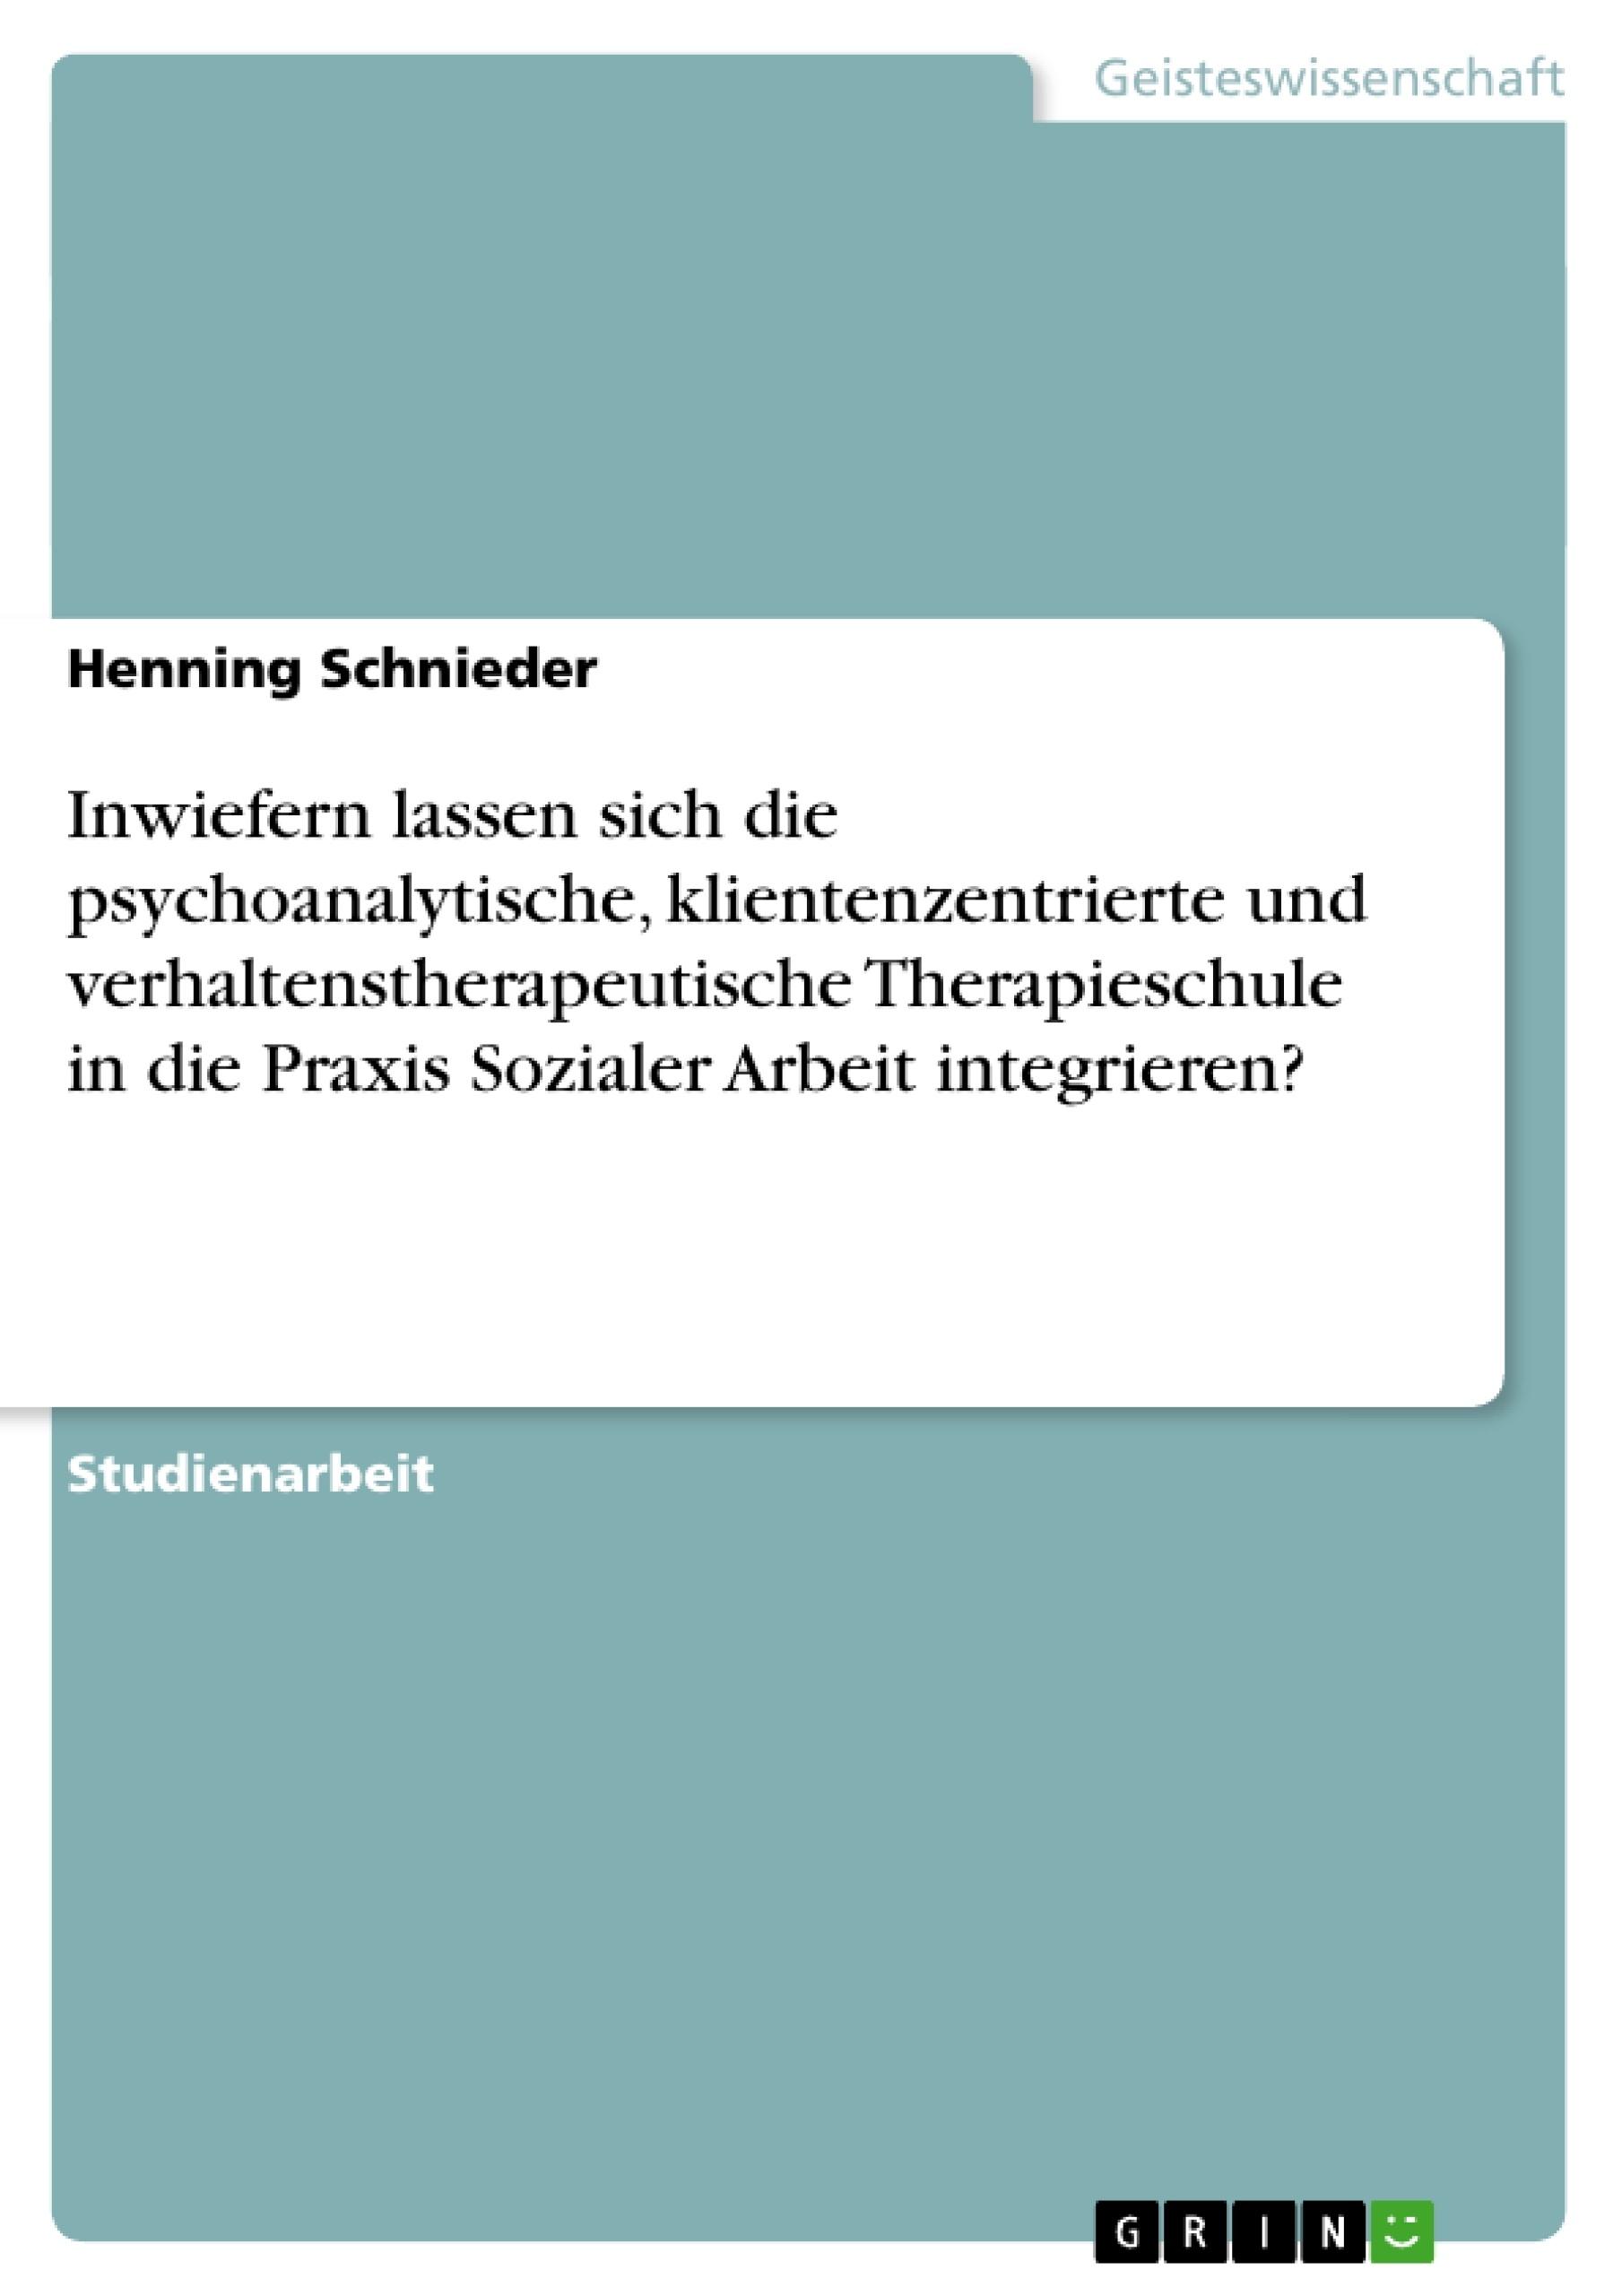 Titel: Inwiefern lassen sich die psychoanalytische, klientenzentrierte und verhaltenstherapeutische Therapieschule in die Praxis Sozialer Arbeit integrieren?